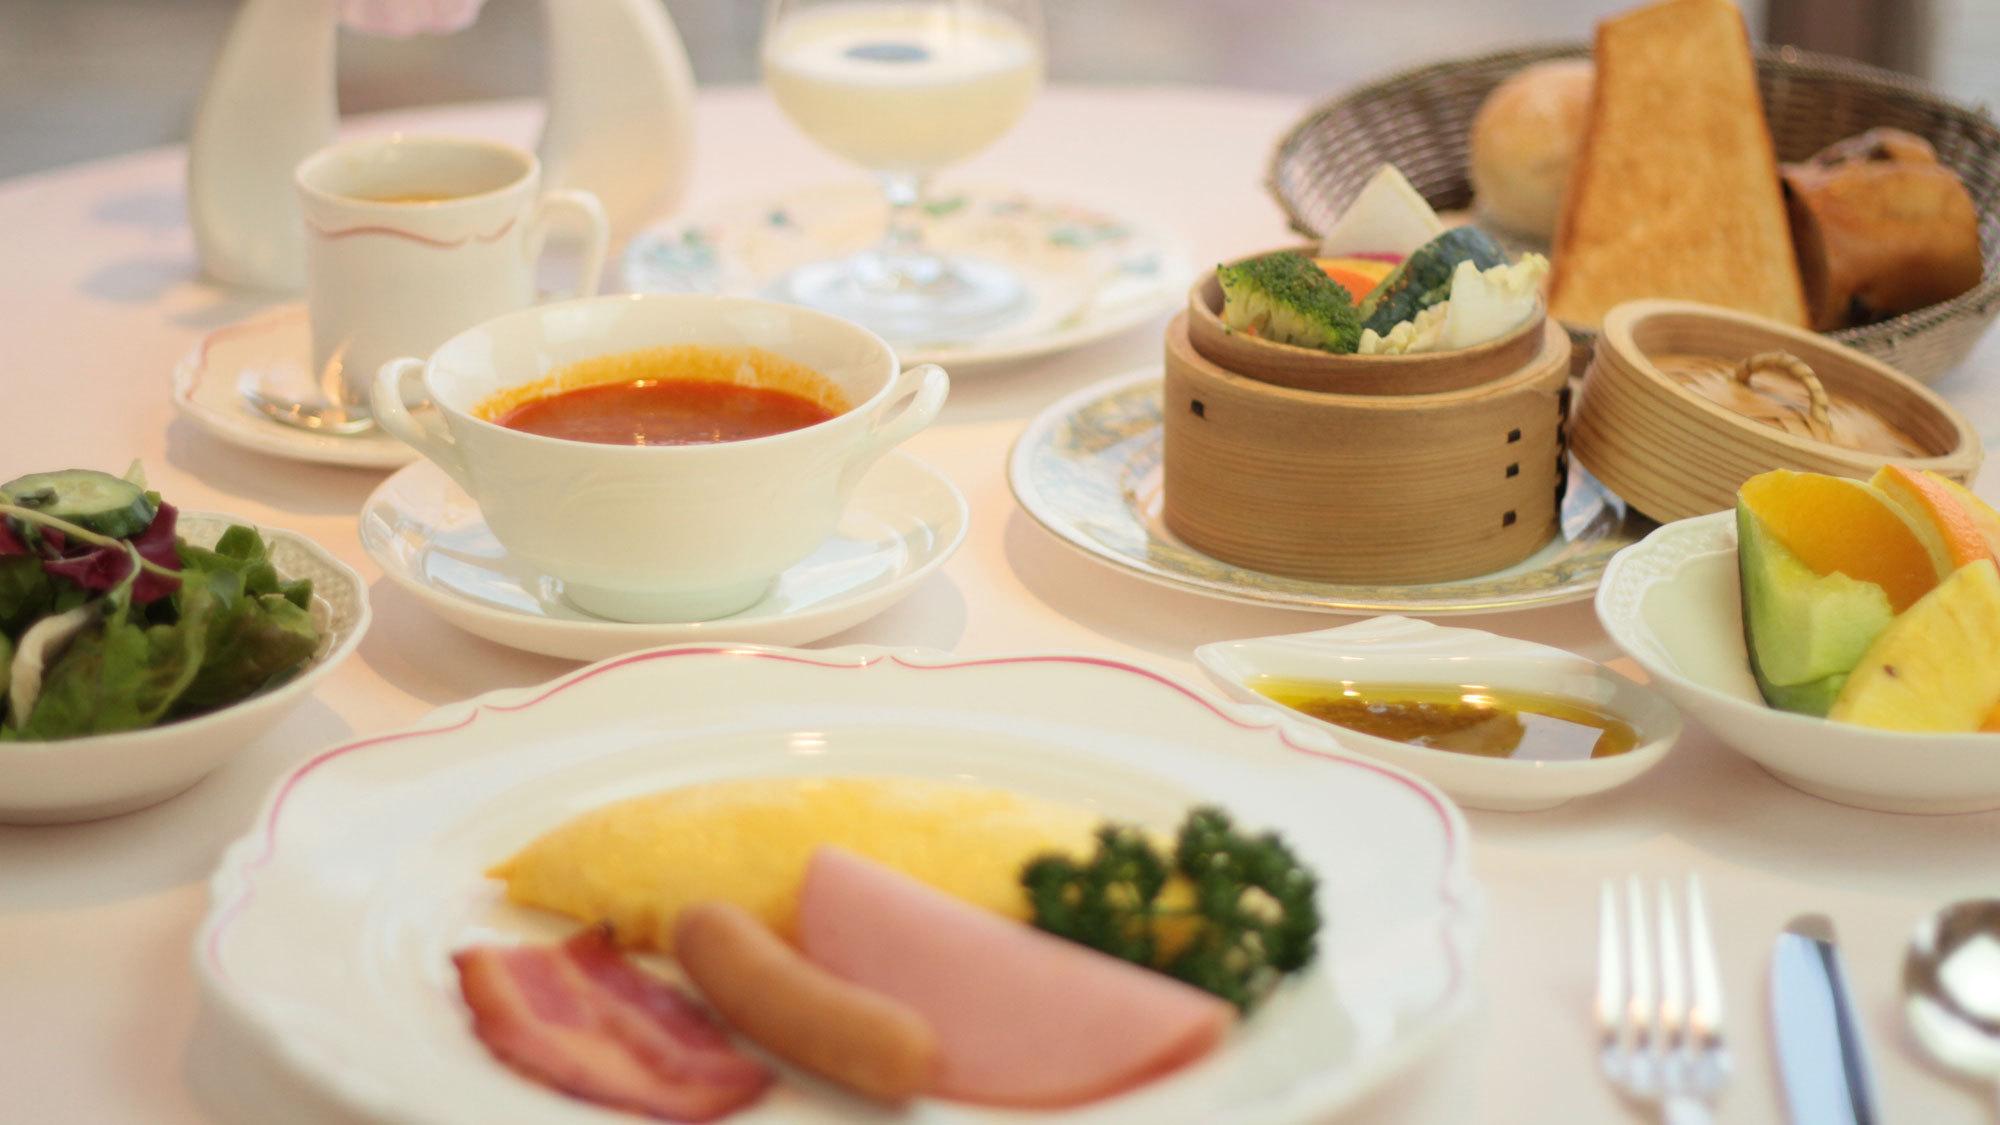 【楽天スーパーSALE】チェックアウトはのんびり11時まで!人気の朝食付きプラン